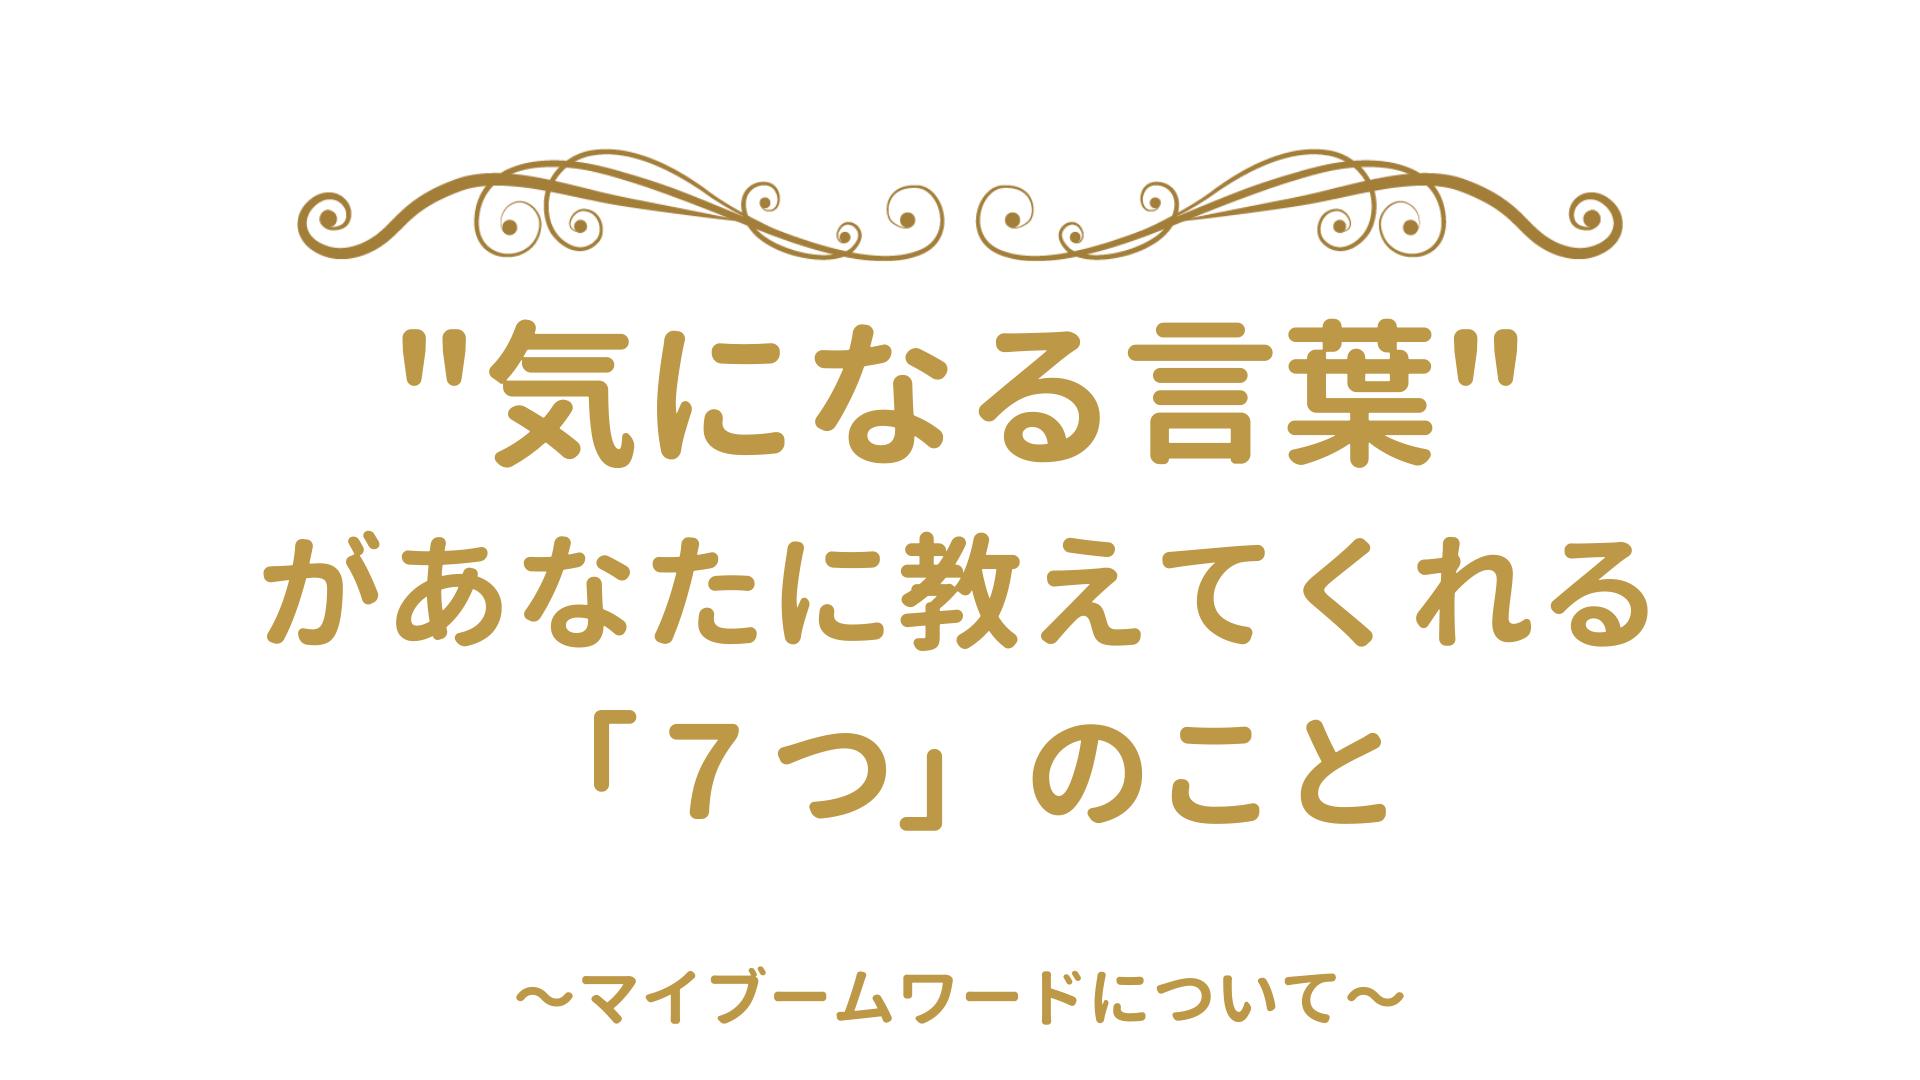 """例 マイ ブーム 「マイブーム」で新語・流行語大賞受賞。みうらじゅんさんに聞く、""""偏愛""""のススメ。"""